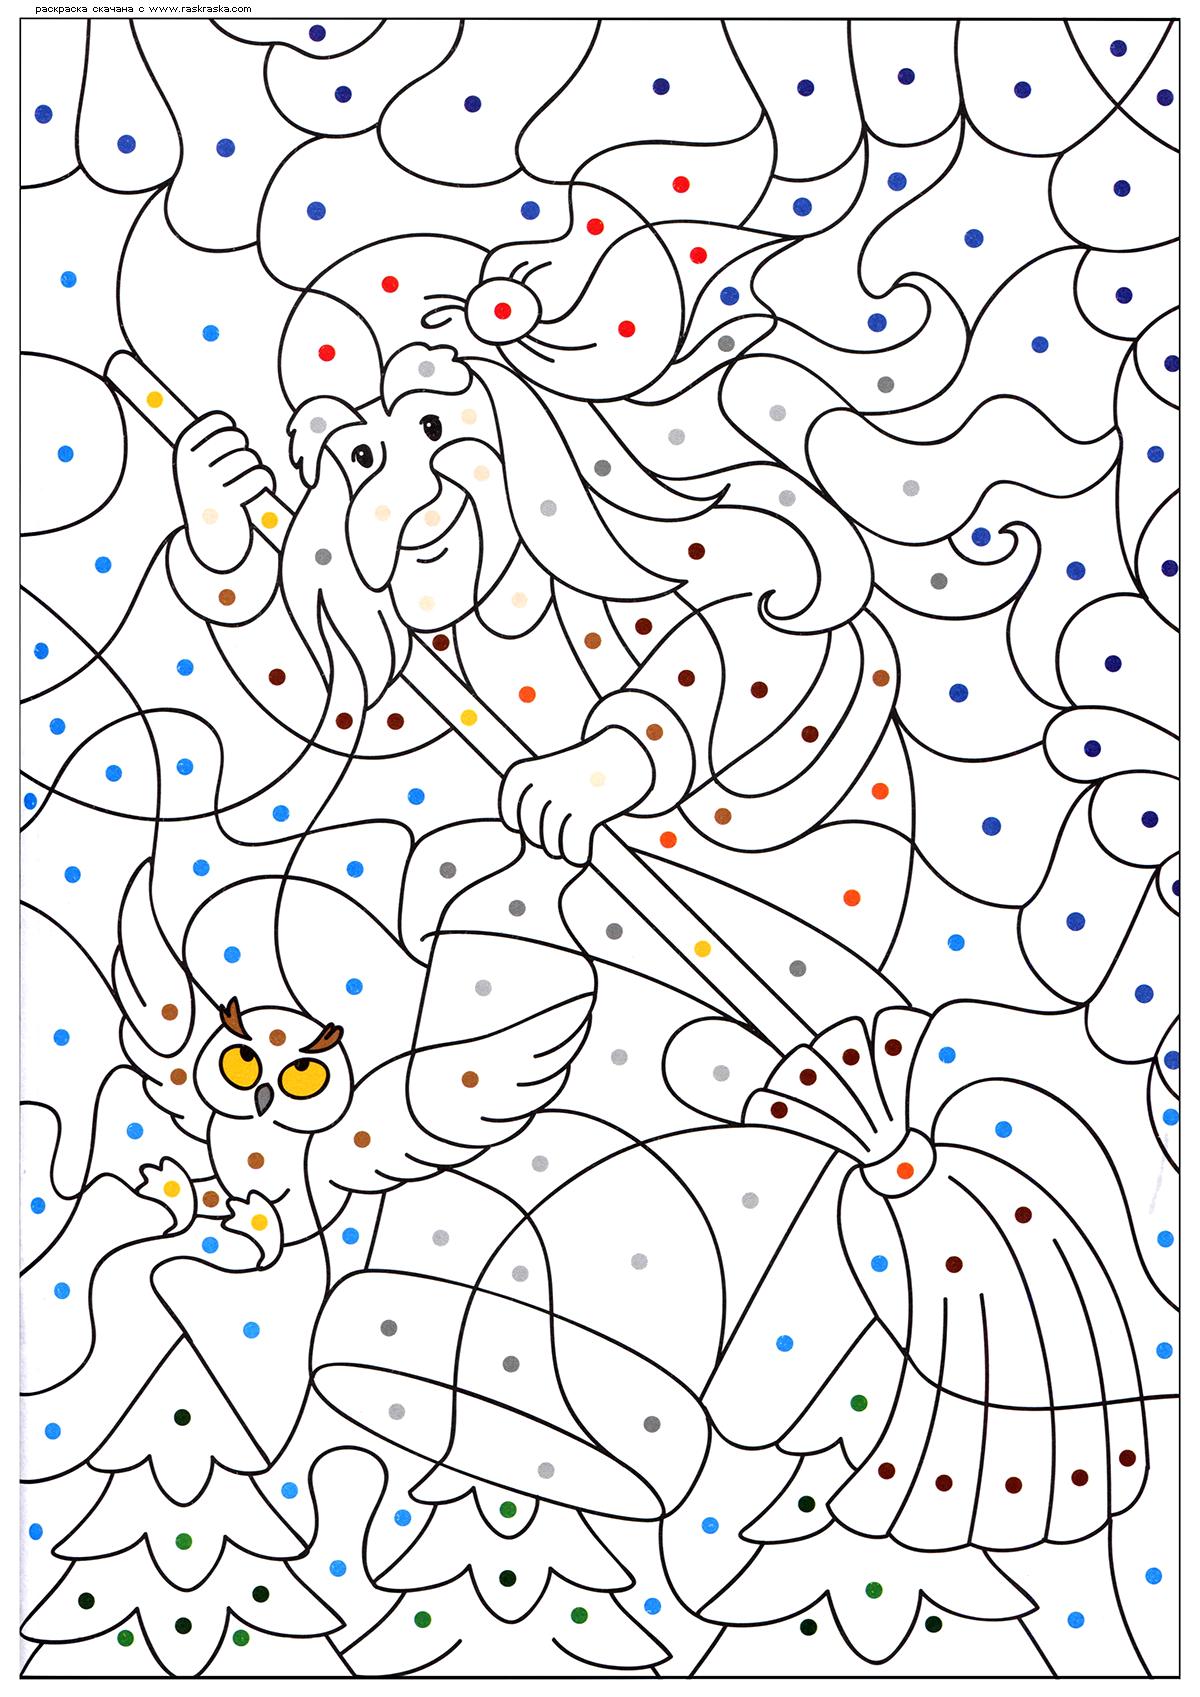 Раскраска Баба-Яга. Раскраска